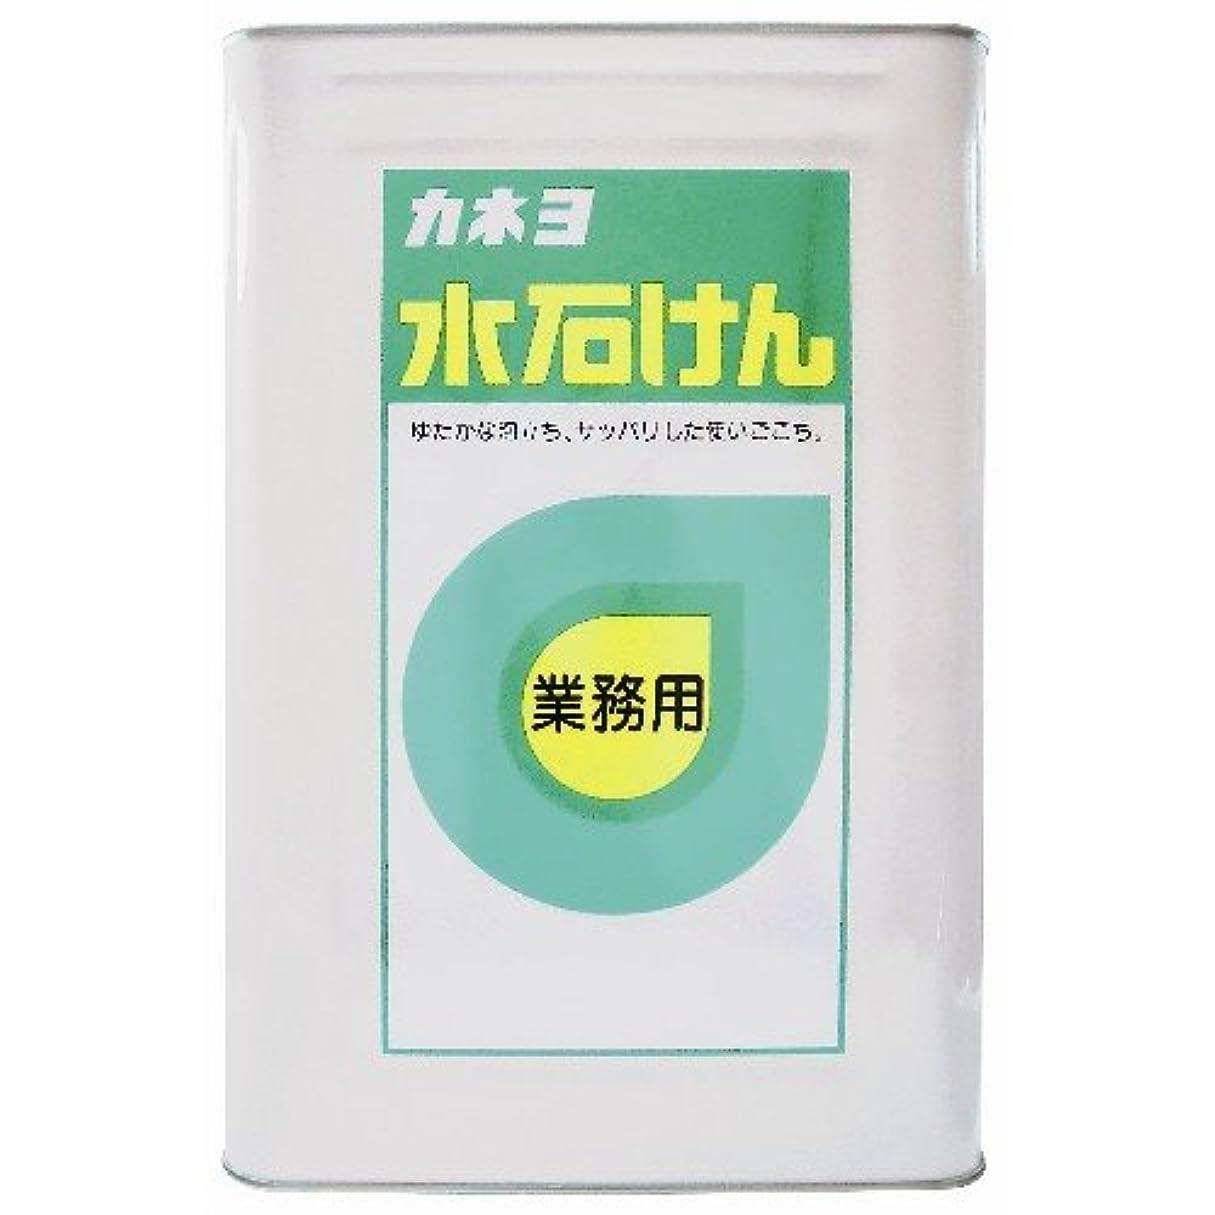 ビルマスクレーパースポンサー【大容量】 カネヨ石鹸 ハンドソープ 水石けん 液体 業務用 18L 一斗缶